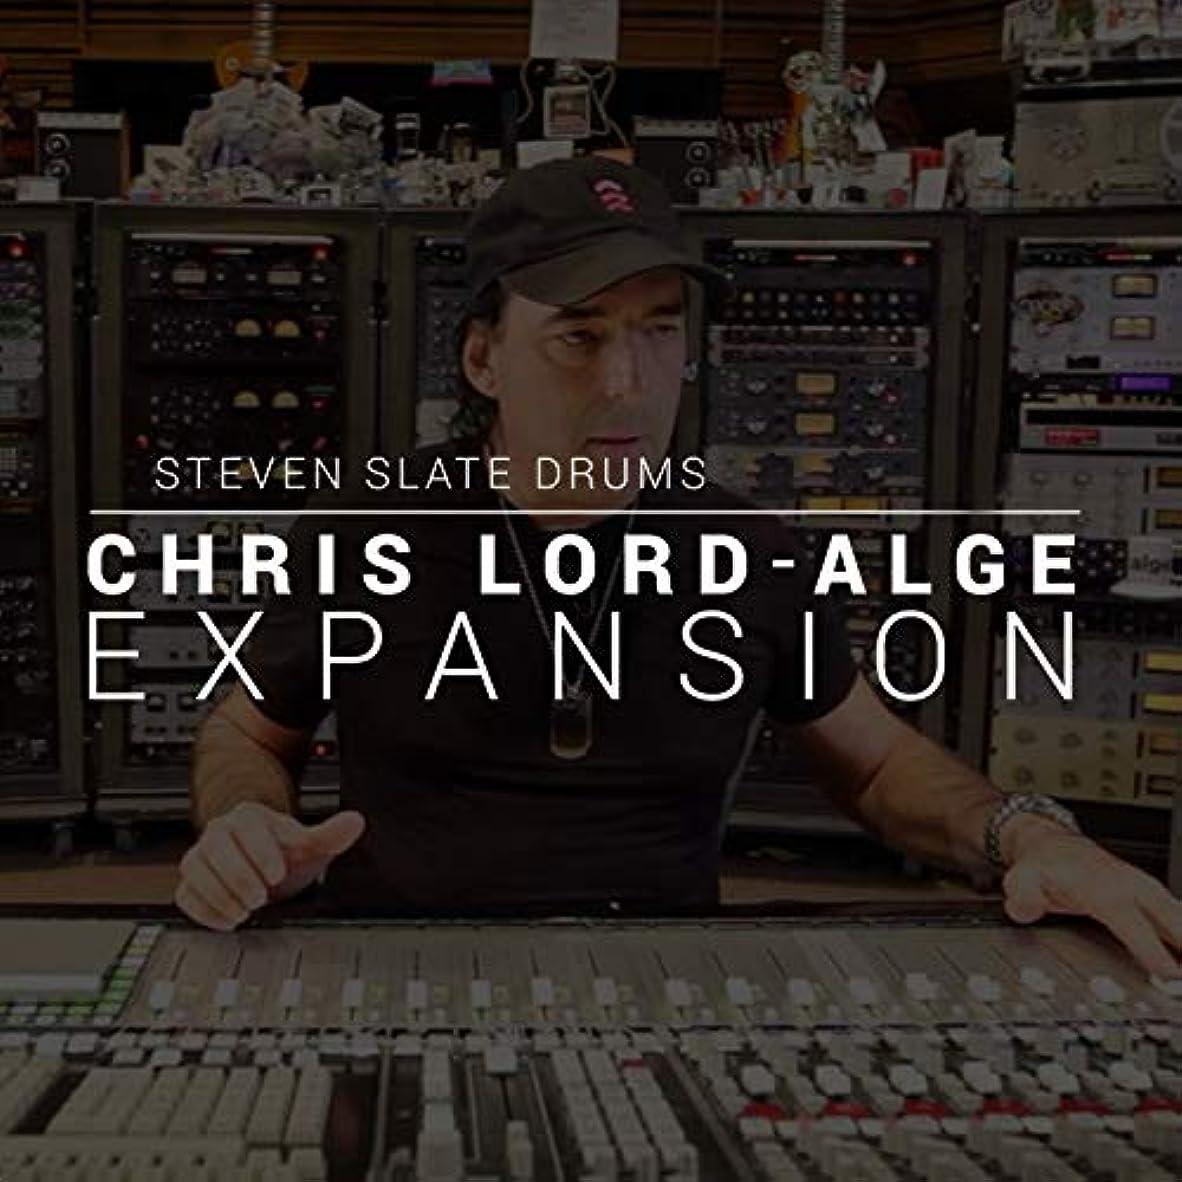 長椅子オーストラリア原告【国内正規品】STEVEN SLATE DRUMS Chris Lord-Alge EXPANSION (SSD5専用拡張音源:簡易パッケージ版)